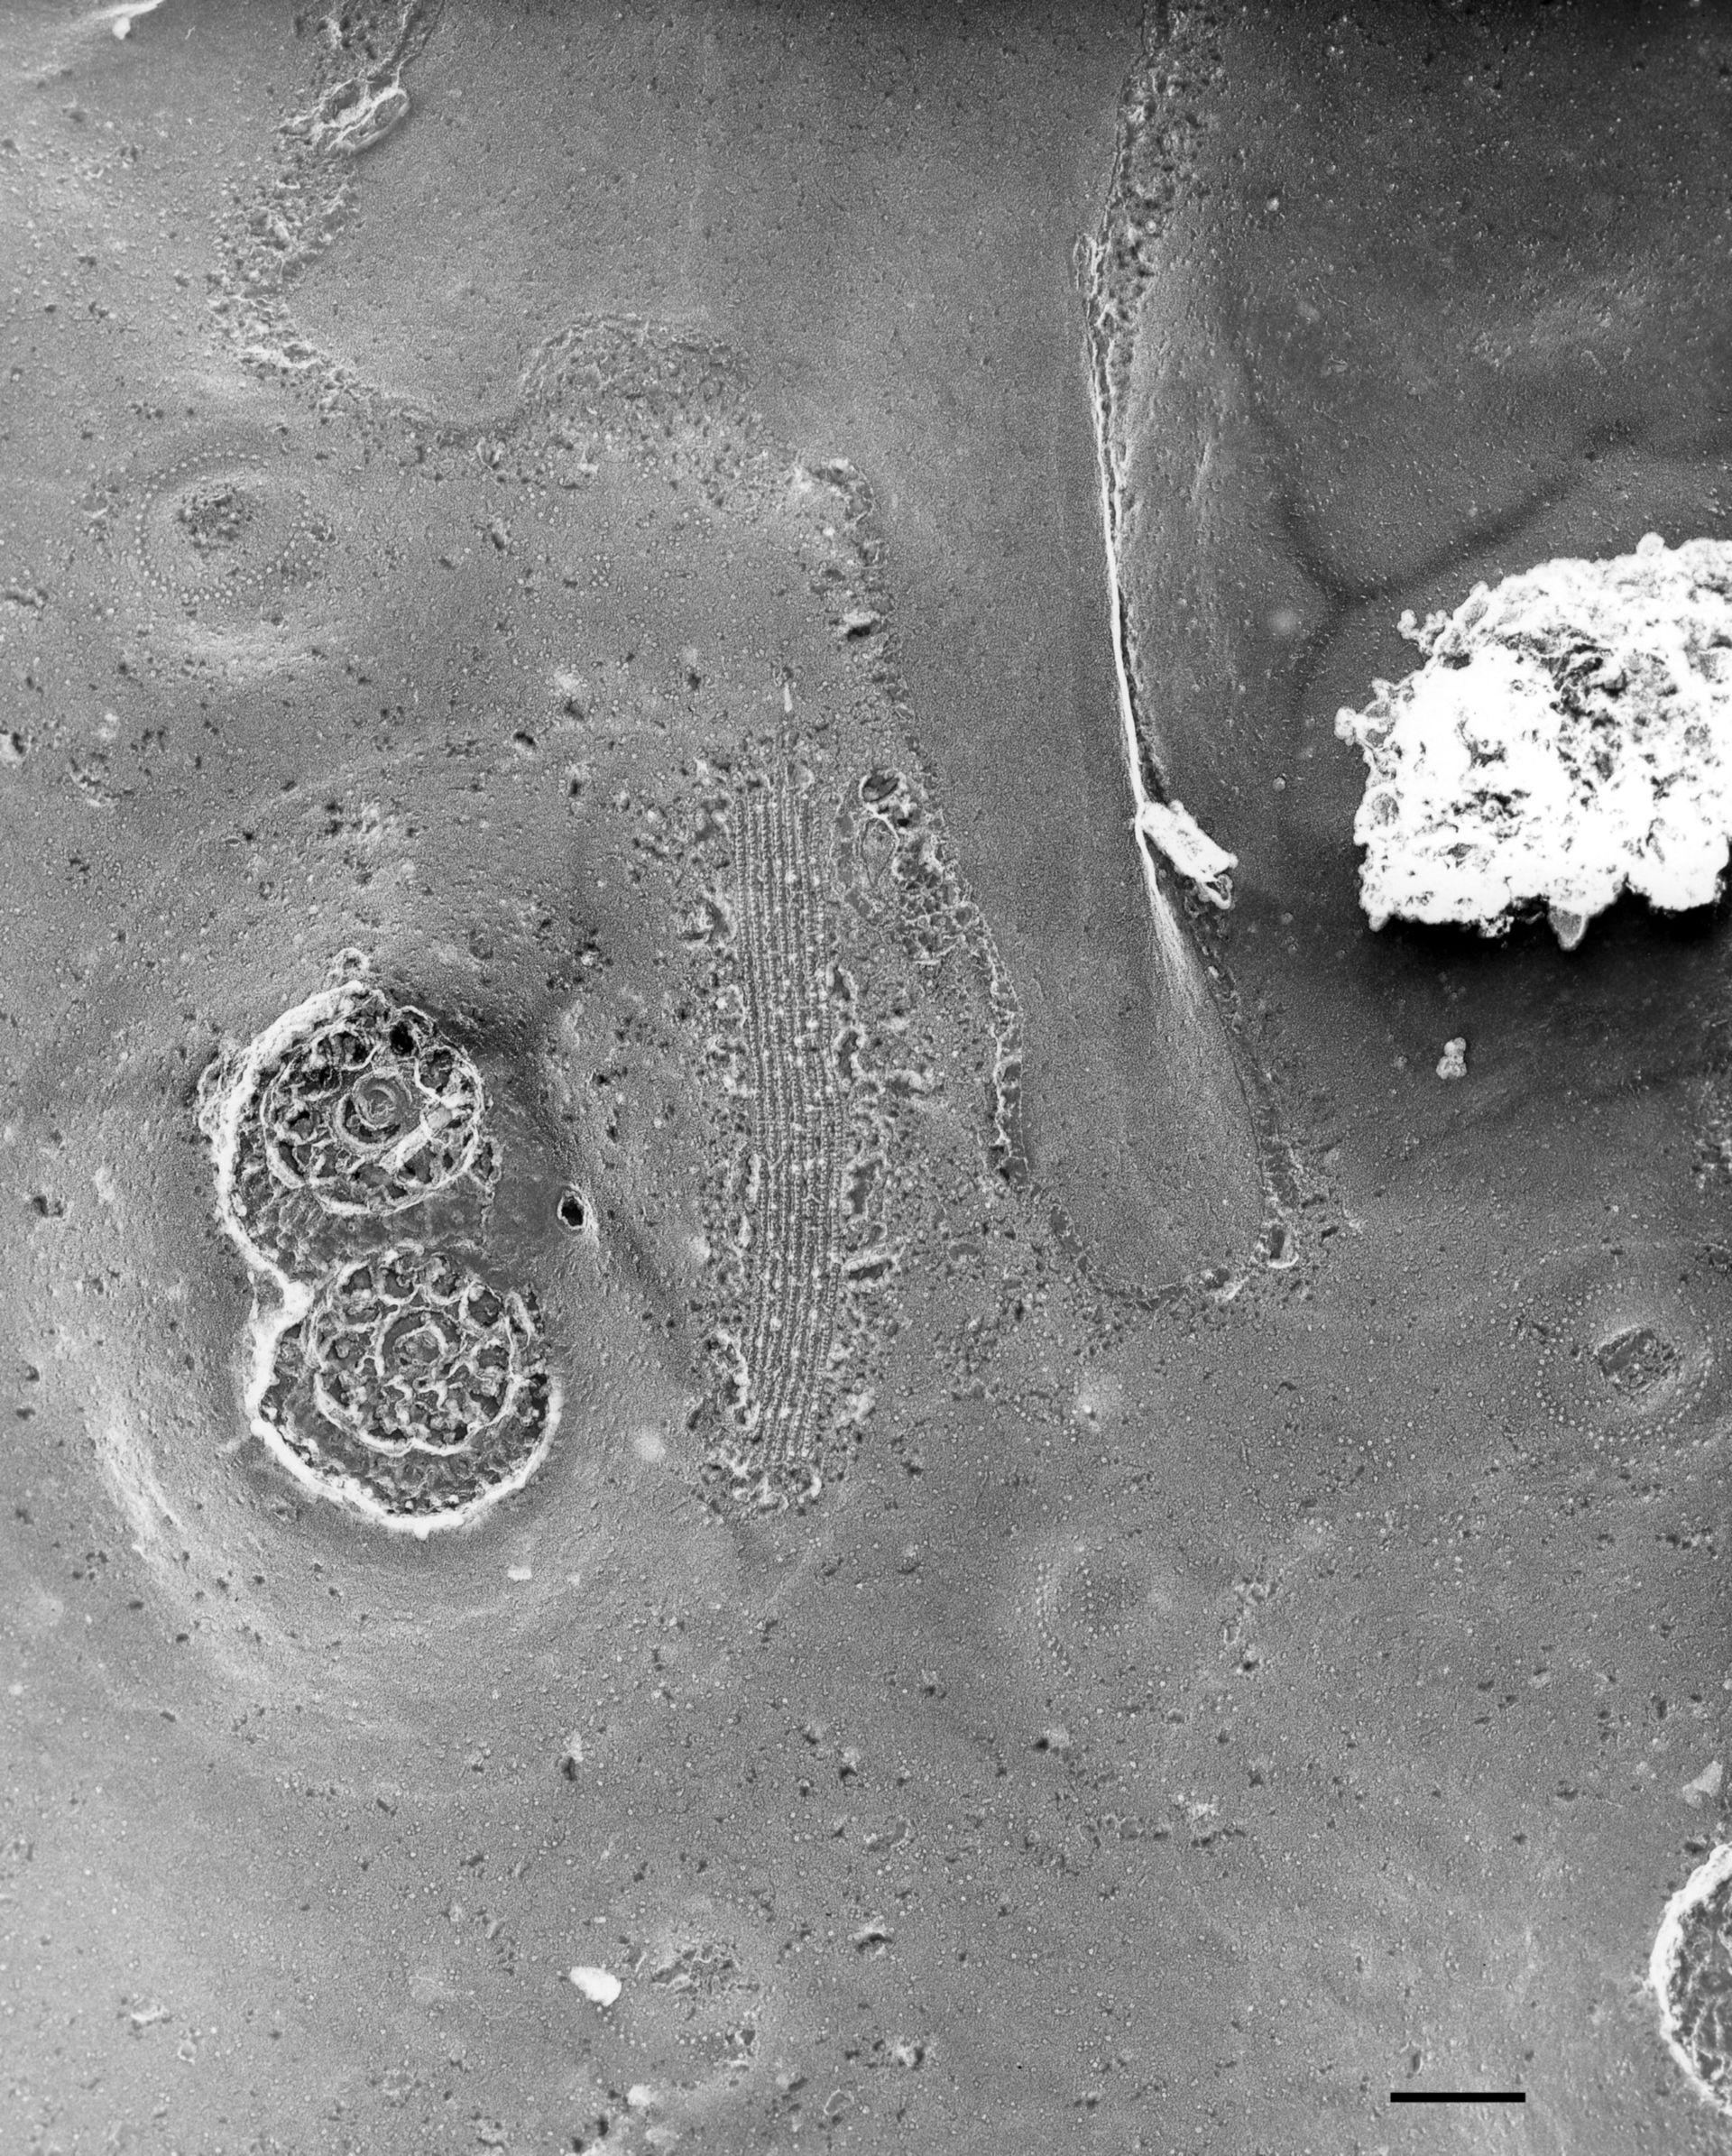 Paramecium multimicronucleatum (Pellicole) - CIL:36614